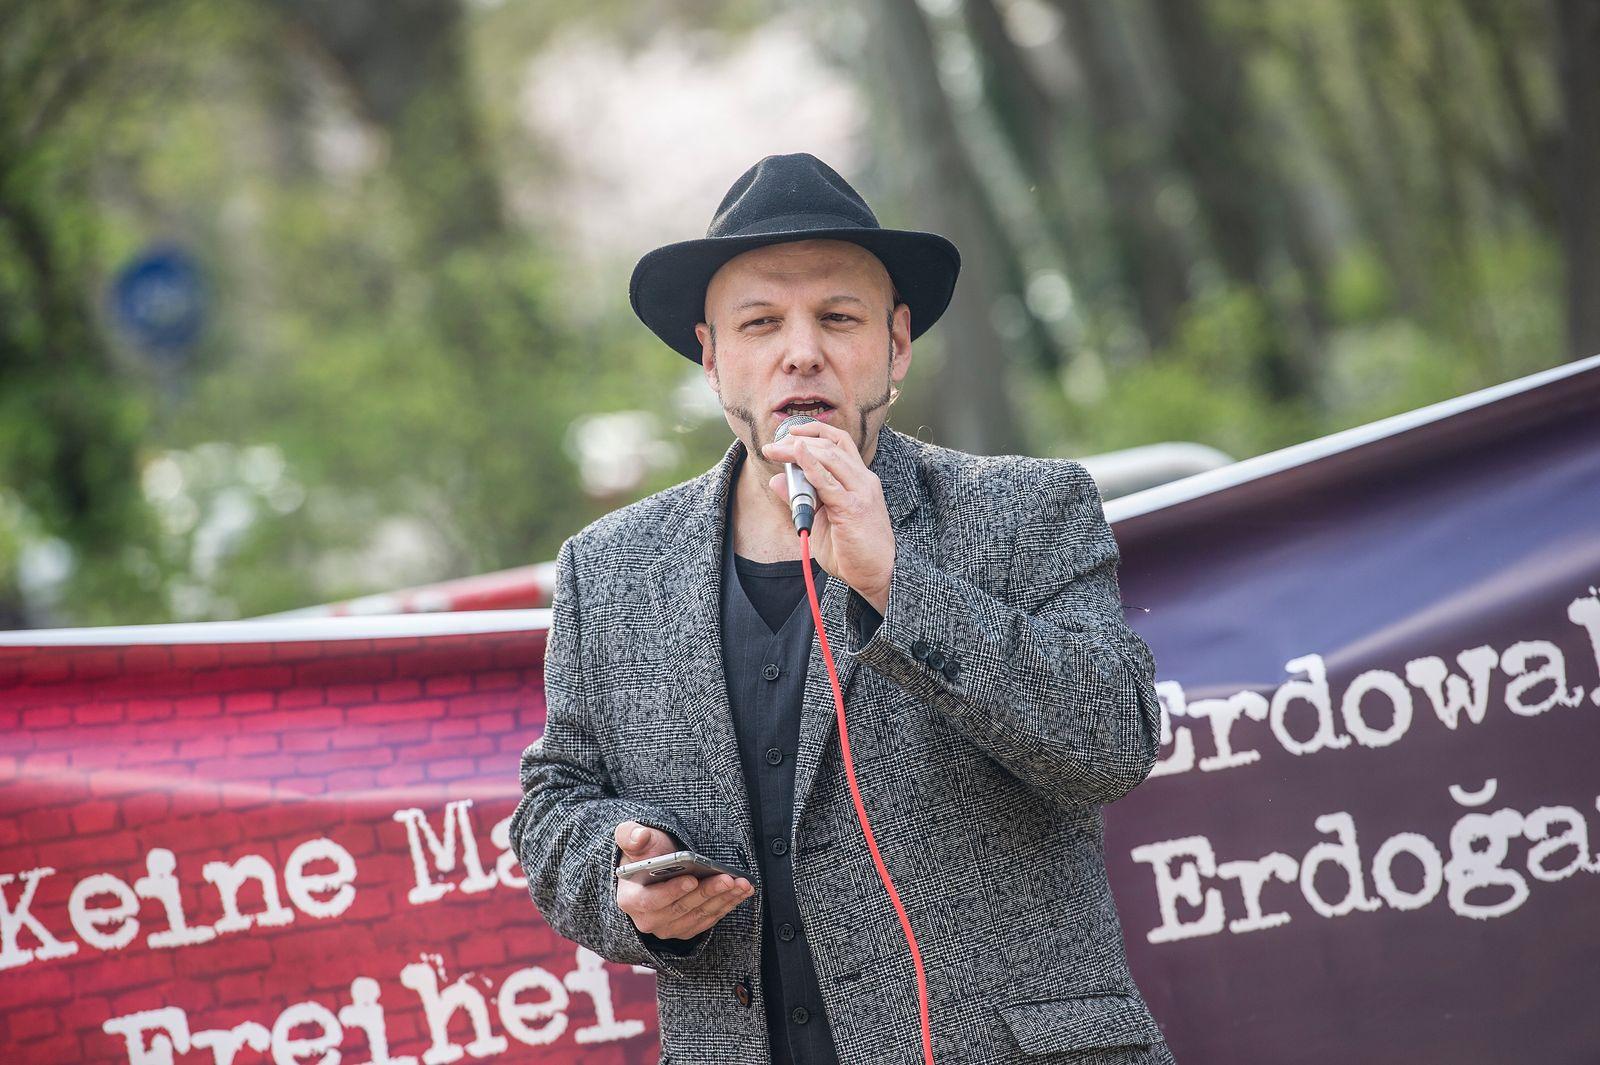 Bruno Kramm, Berliner Piraten-Partei,